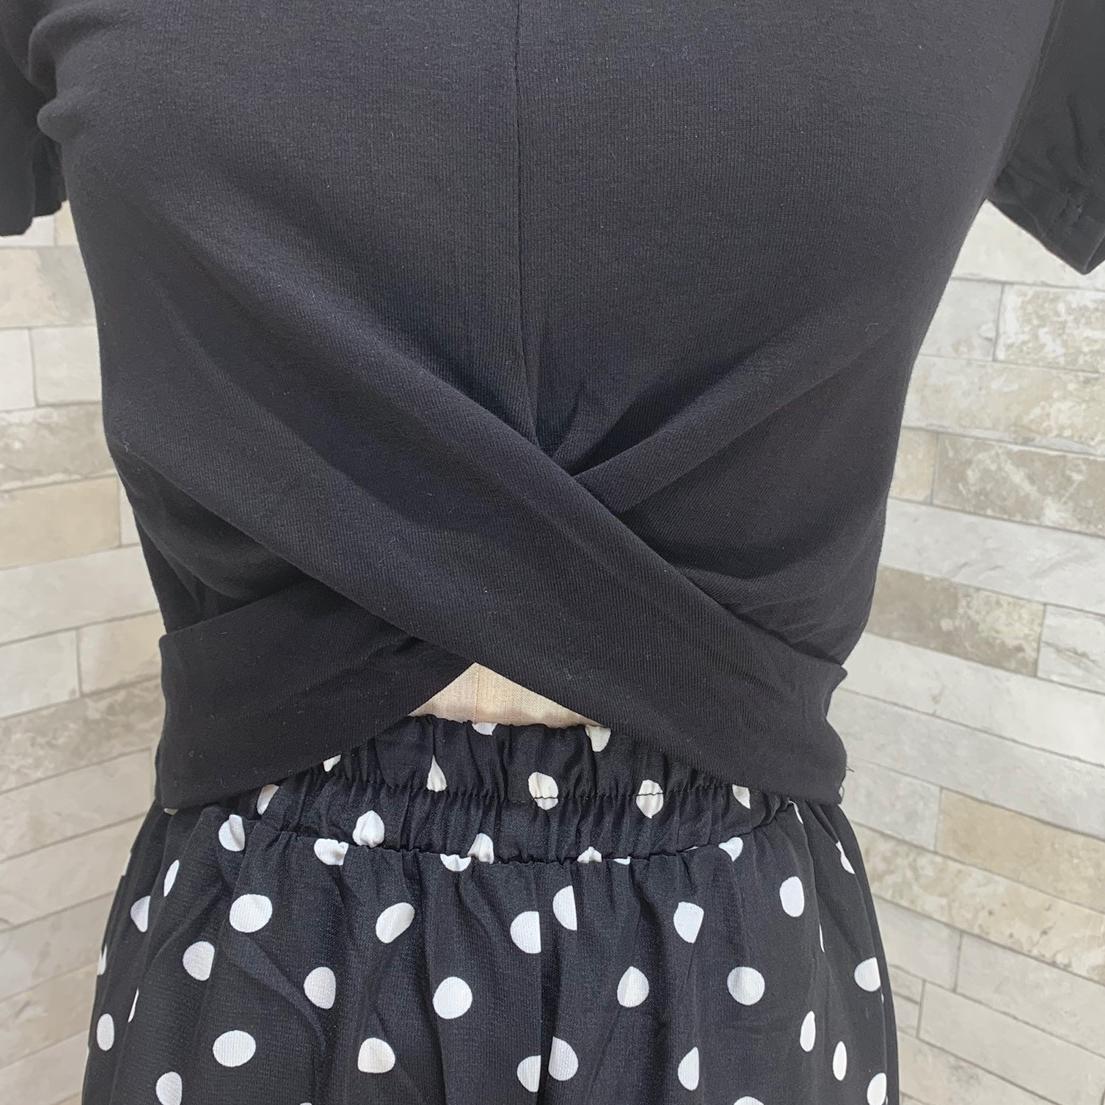 【即納】韓国 ファッション セットアップ 春 夏 カジュアル SPTXF278  クロスデザイン ショート Tシャツ シフォン ワイドストレートパンツ リゾート オルチャン シンプル 定番 セレカジの写真17枚目